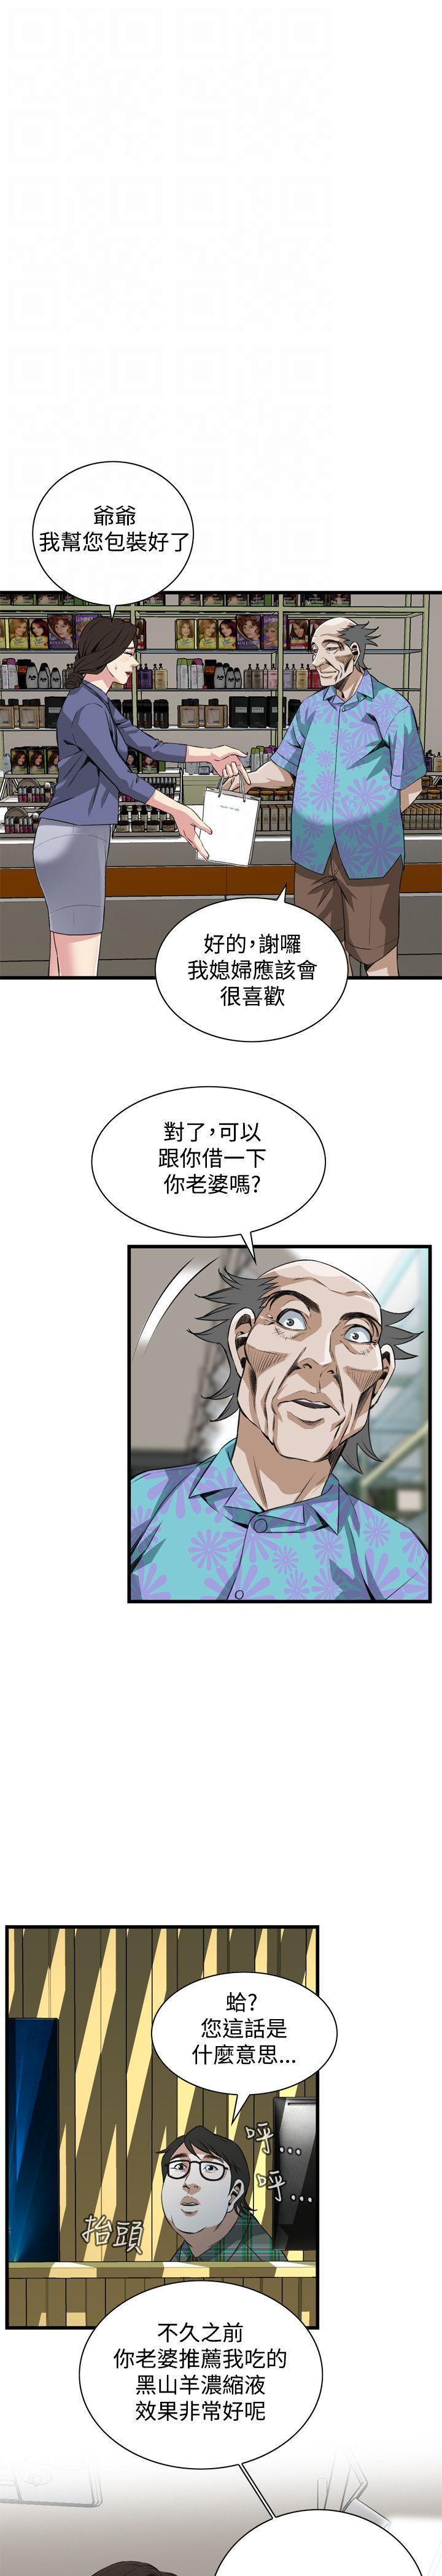 偷窥72-93 Chinese Rsiky 119